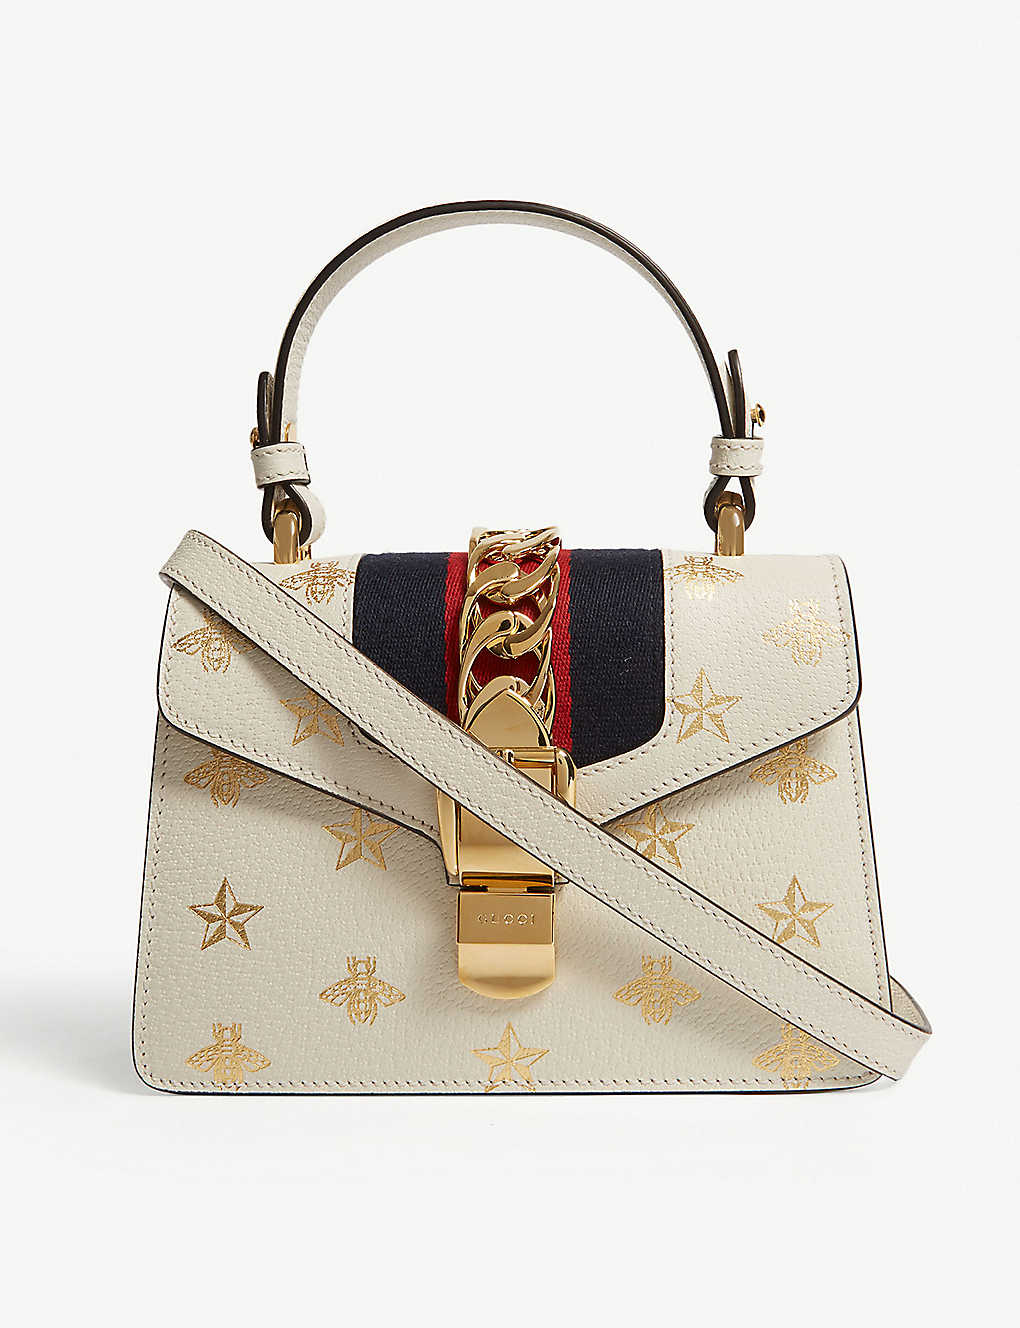 78736213877a GUCCI - Sylvie handbag | Selfridges.com